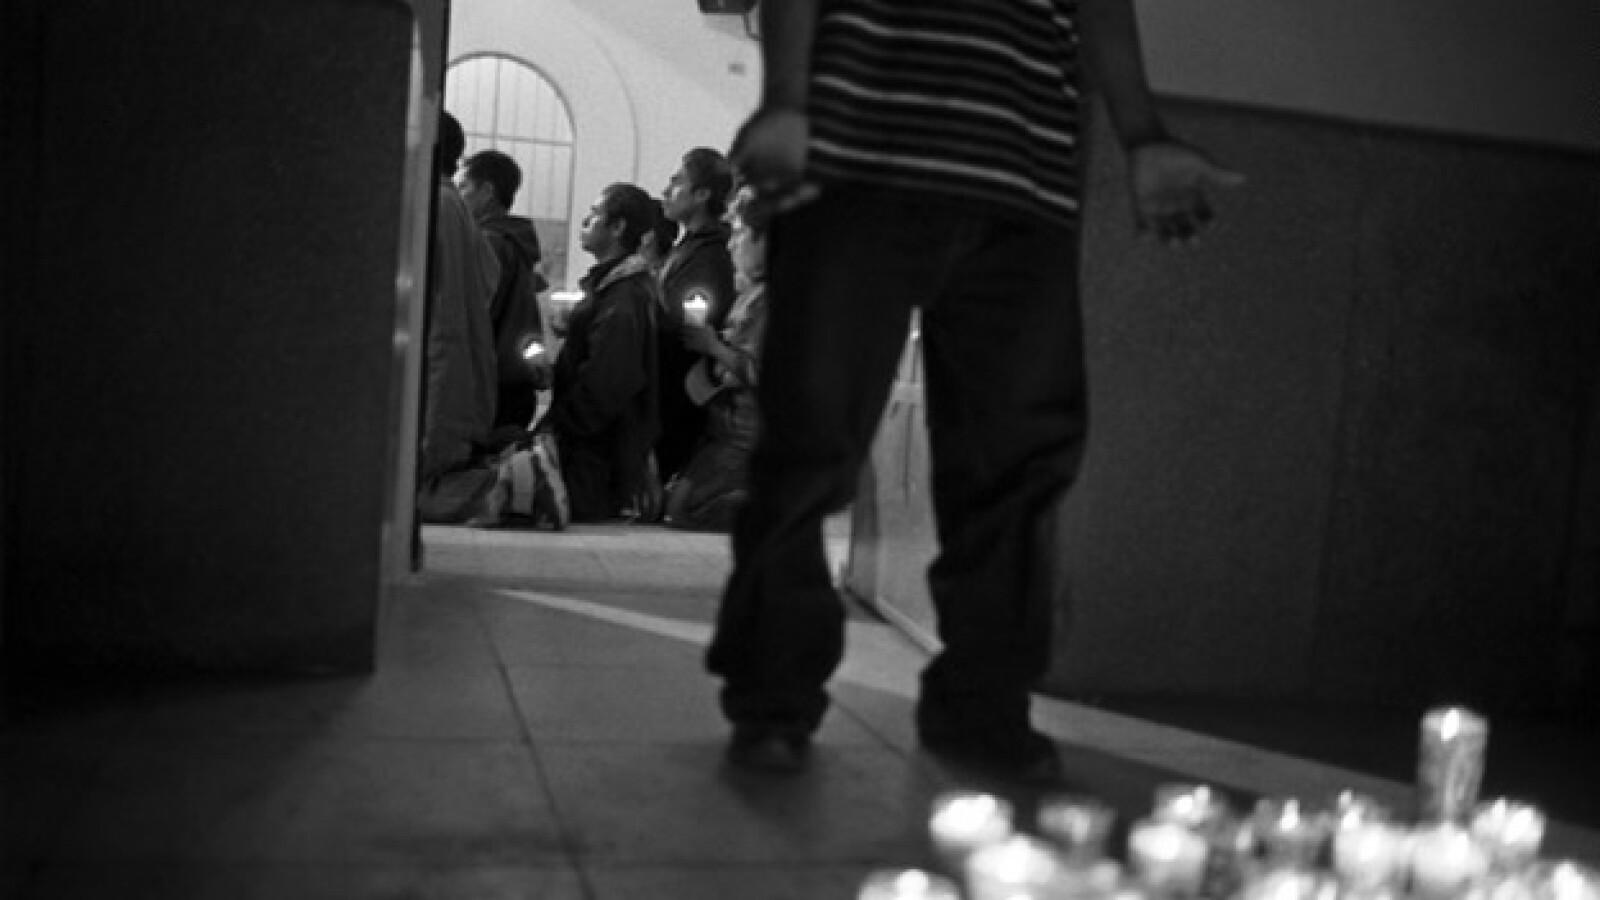 migrante en nuestra señora de guadalupe